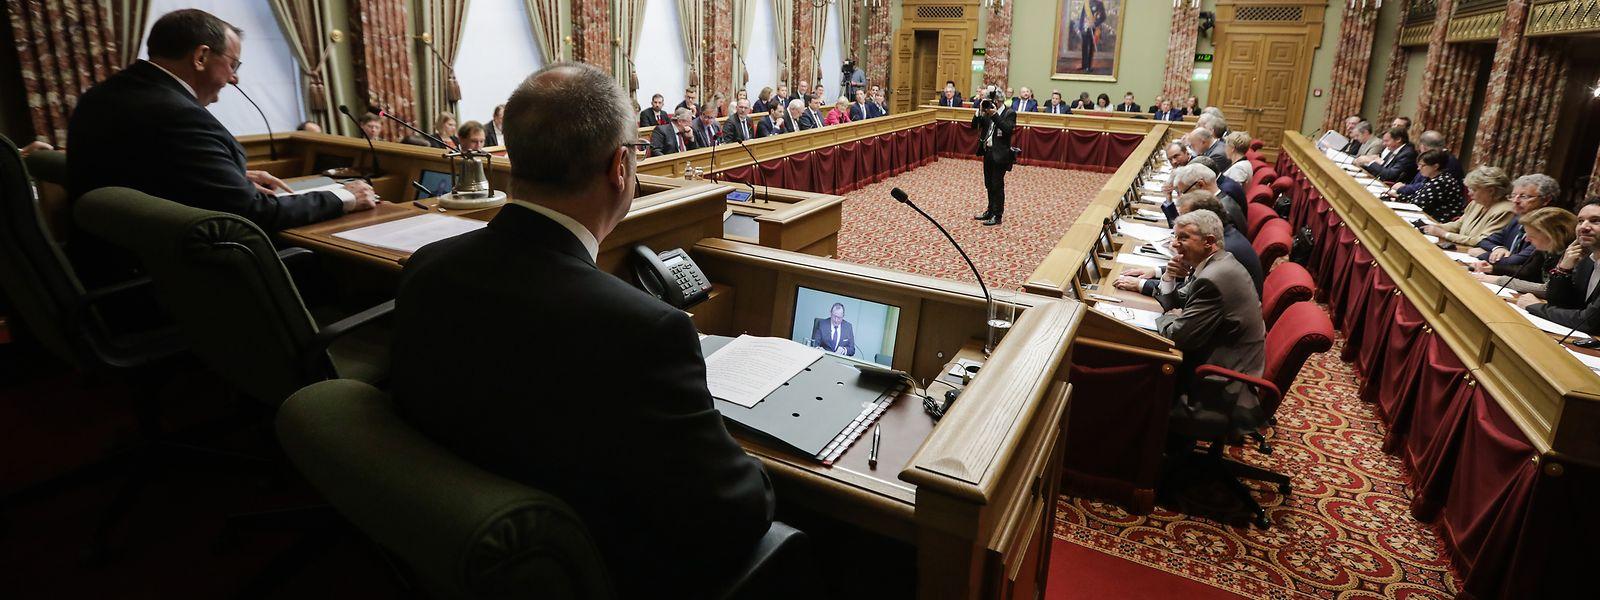 Die Fraktionen in der Chamber können künftig auf ein größeres Personalbudget zurückgreifen.